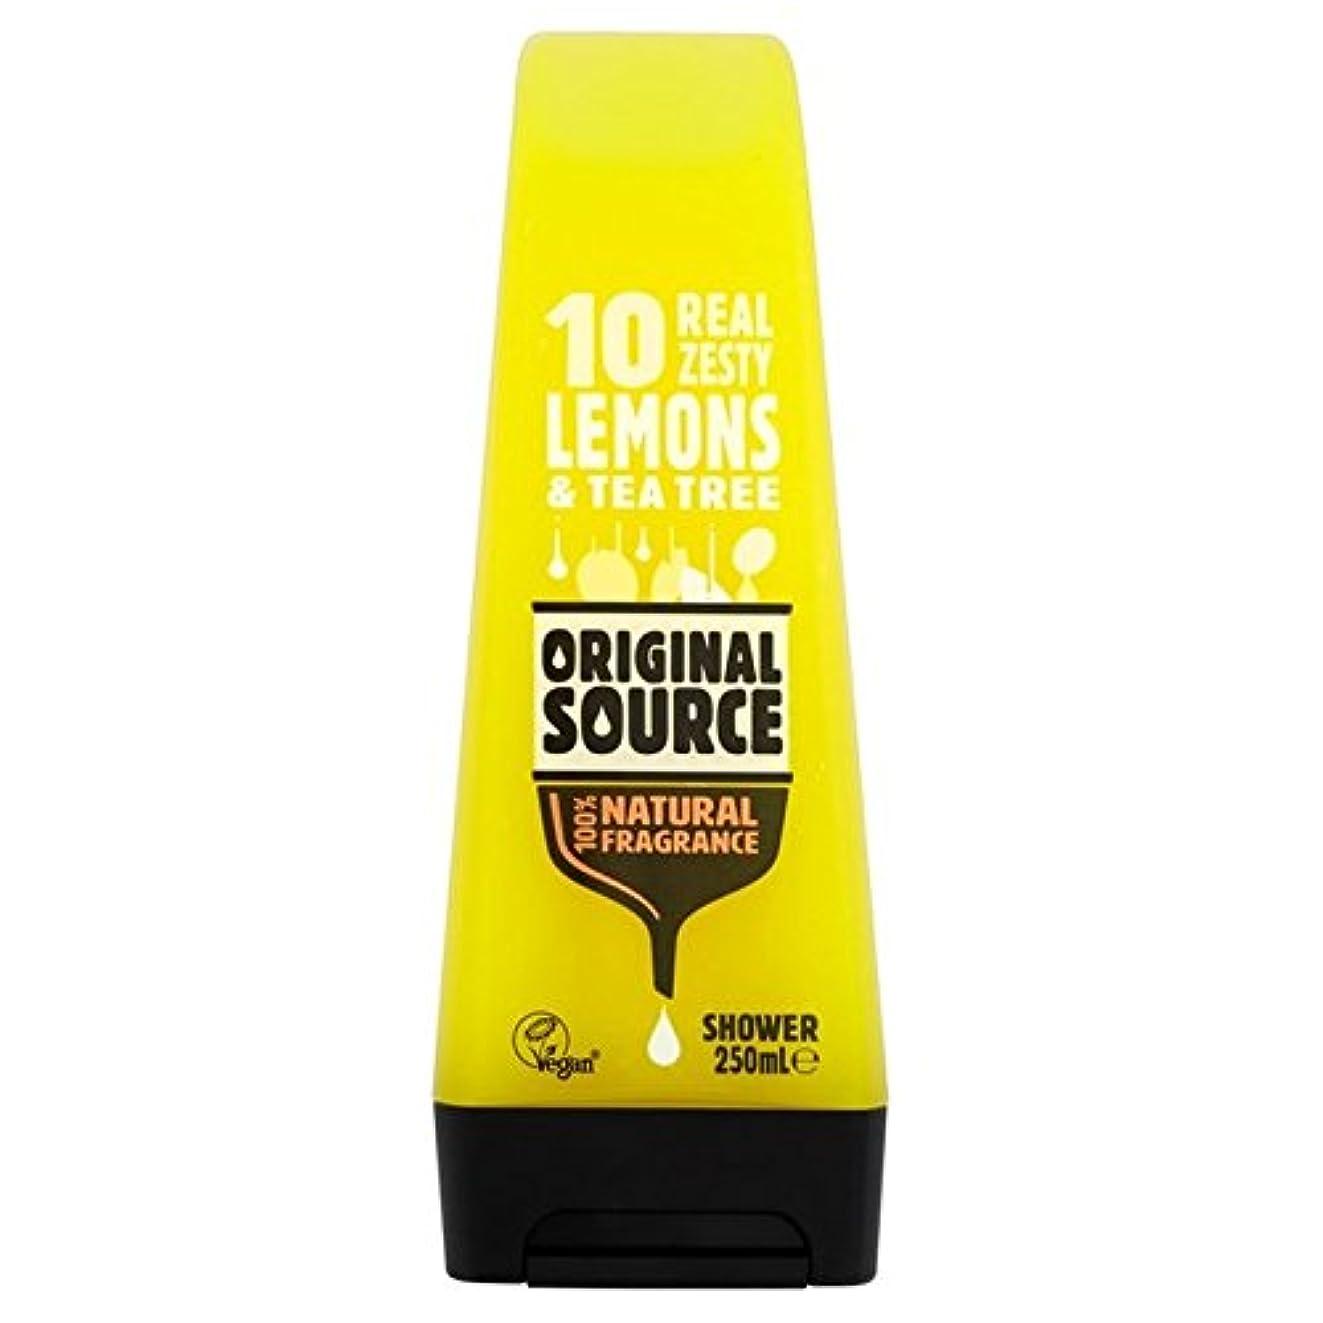 ピルファー振り返るボウリングOriginal Source Lemon Shower Gel 250ml - 元のソースのレモンシャワージェル250ミリリットル [並行輸入品]